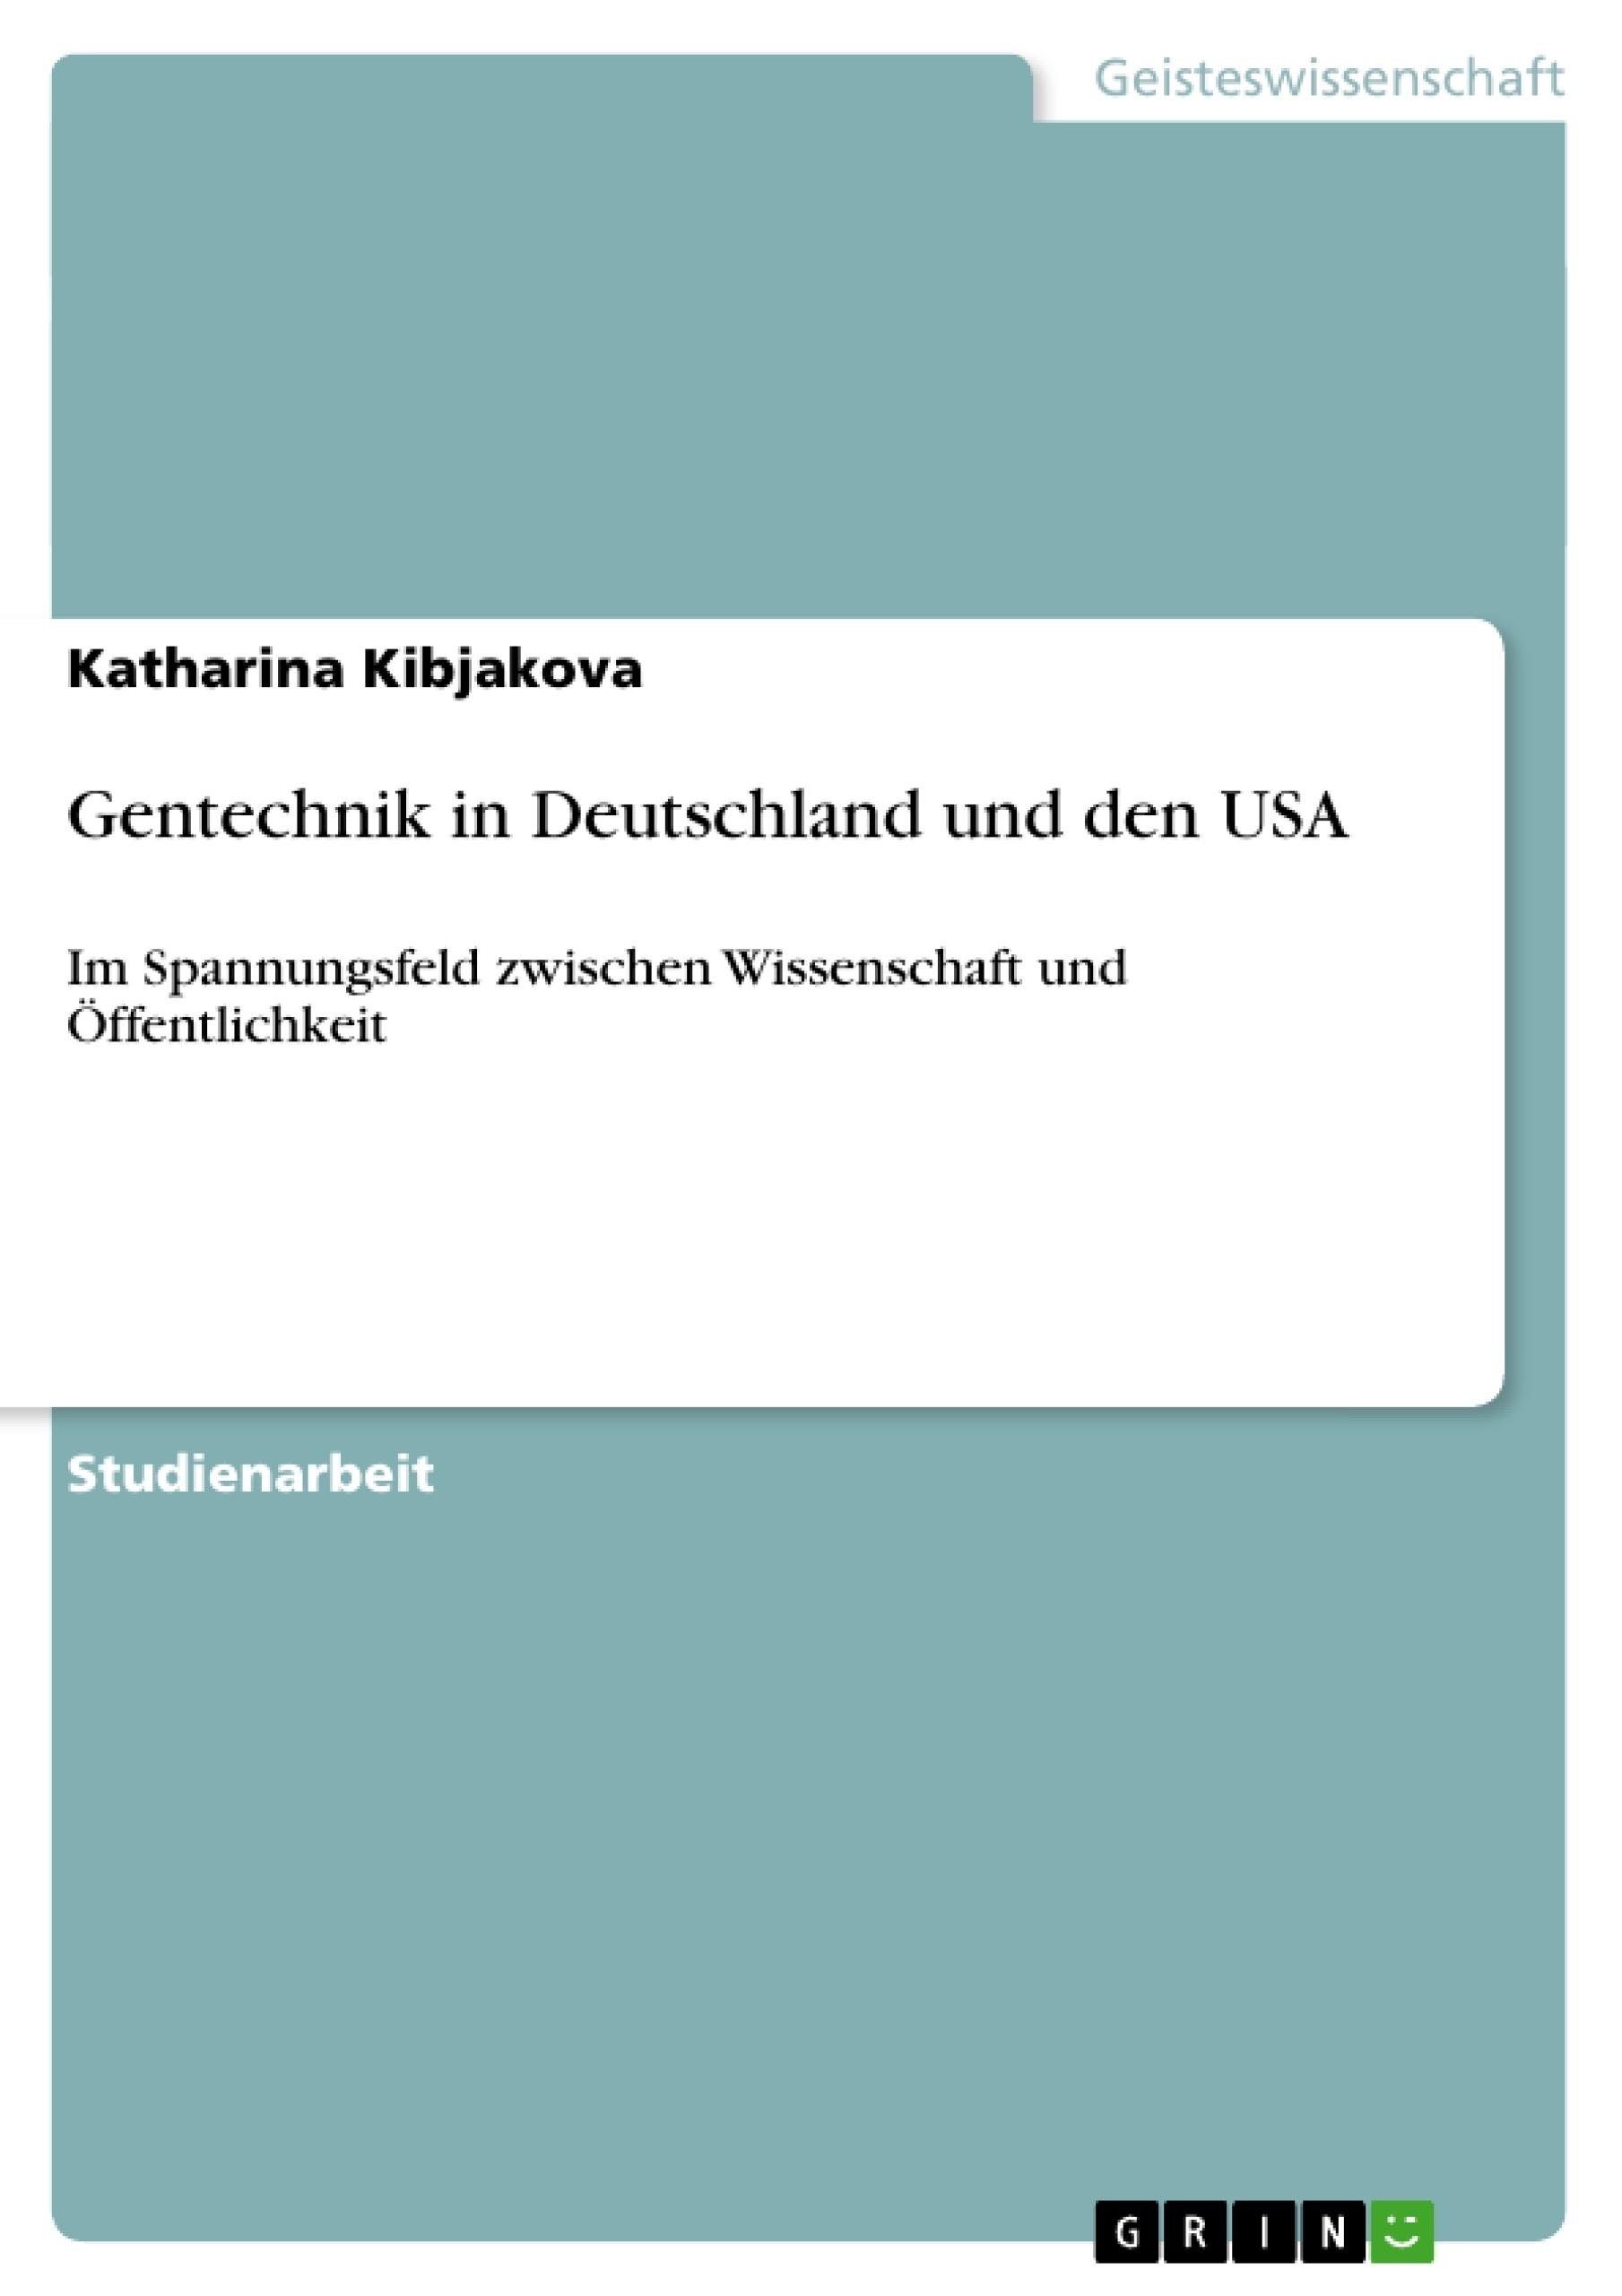 Titel: Gentechnik in Deutschland und den USA